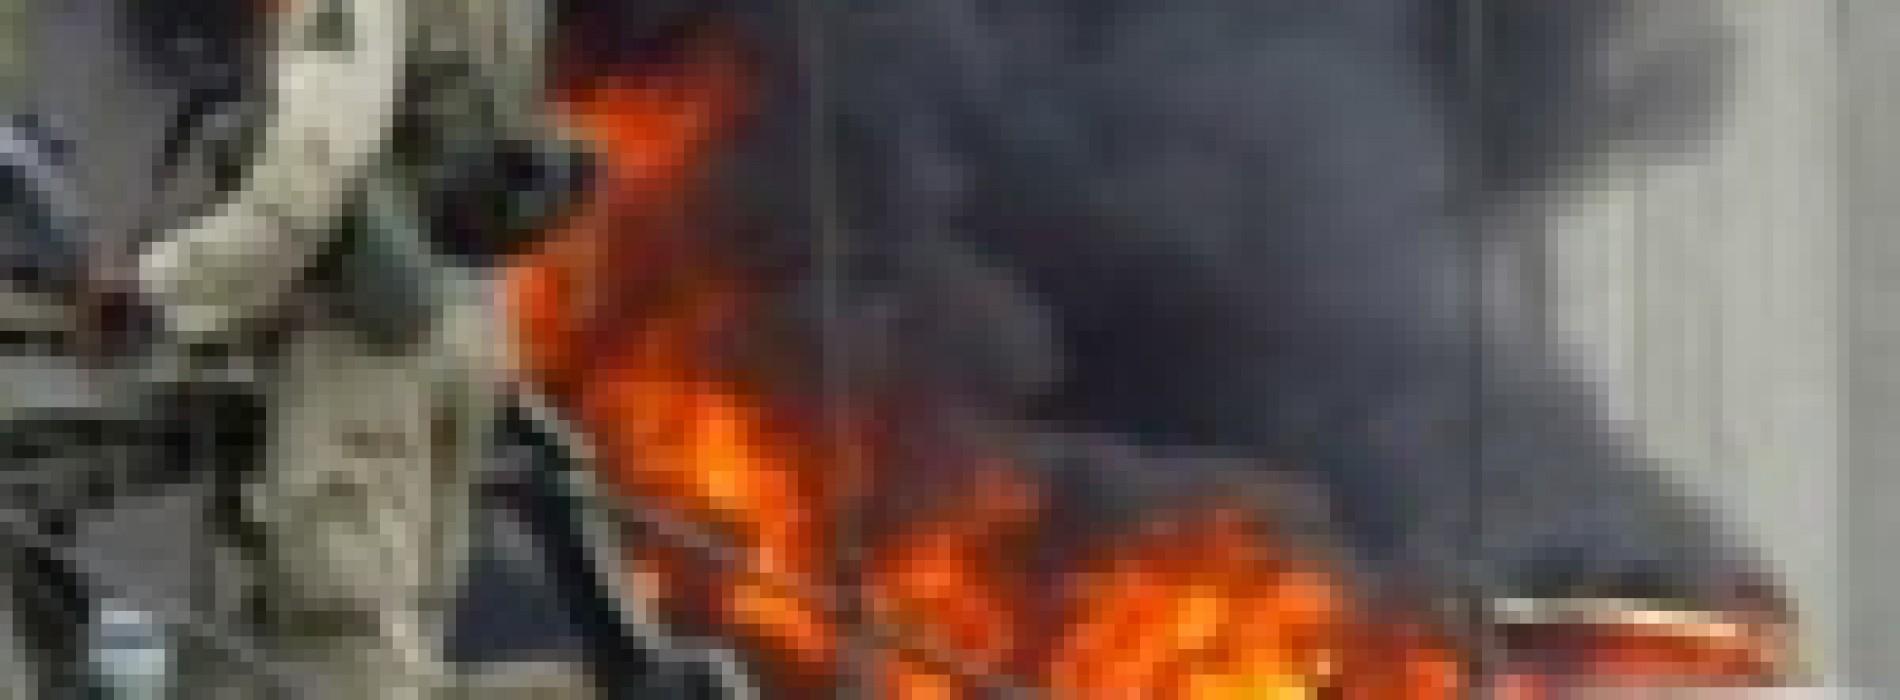 As Baghdad Burns